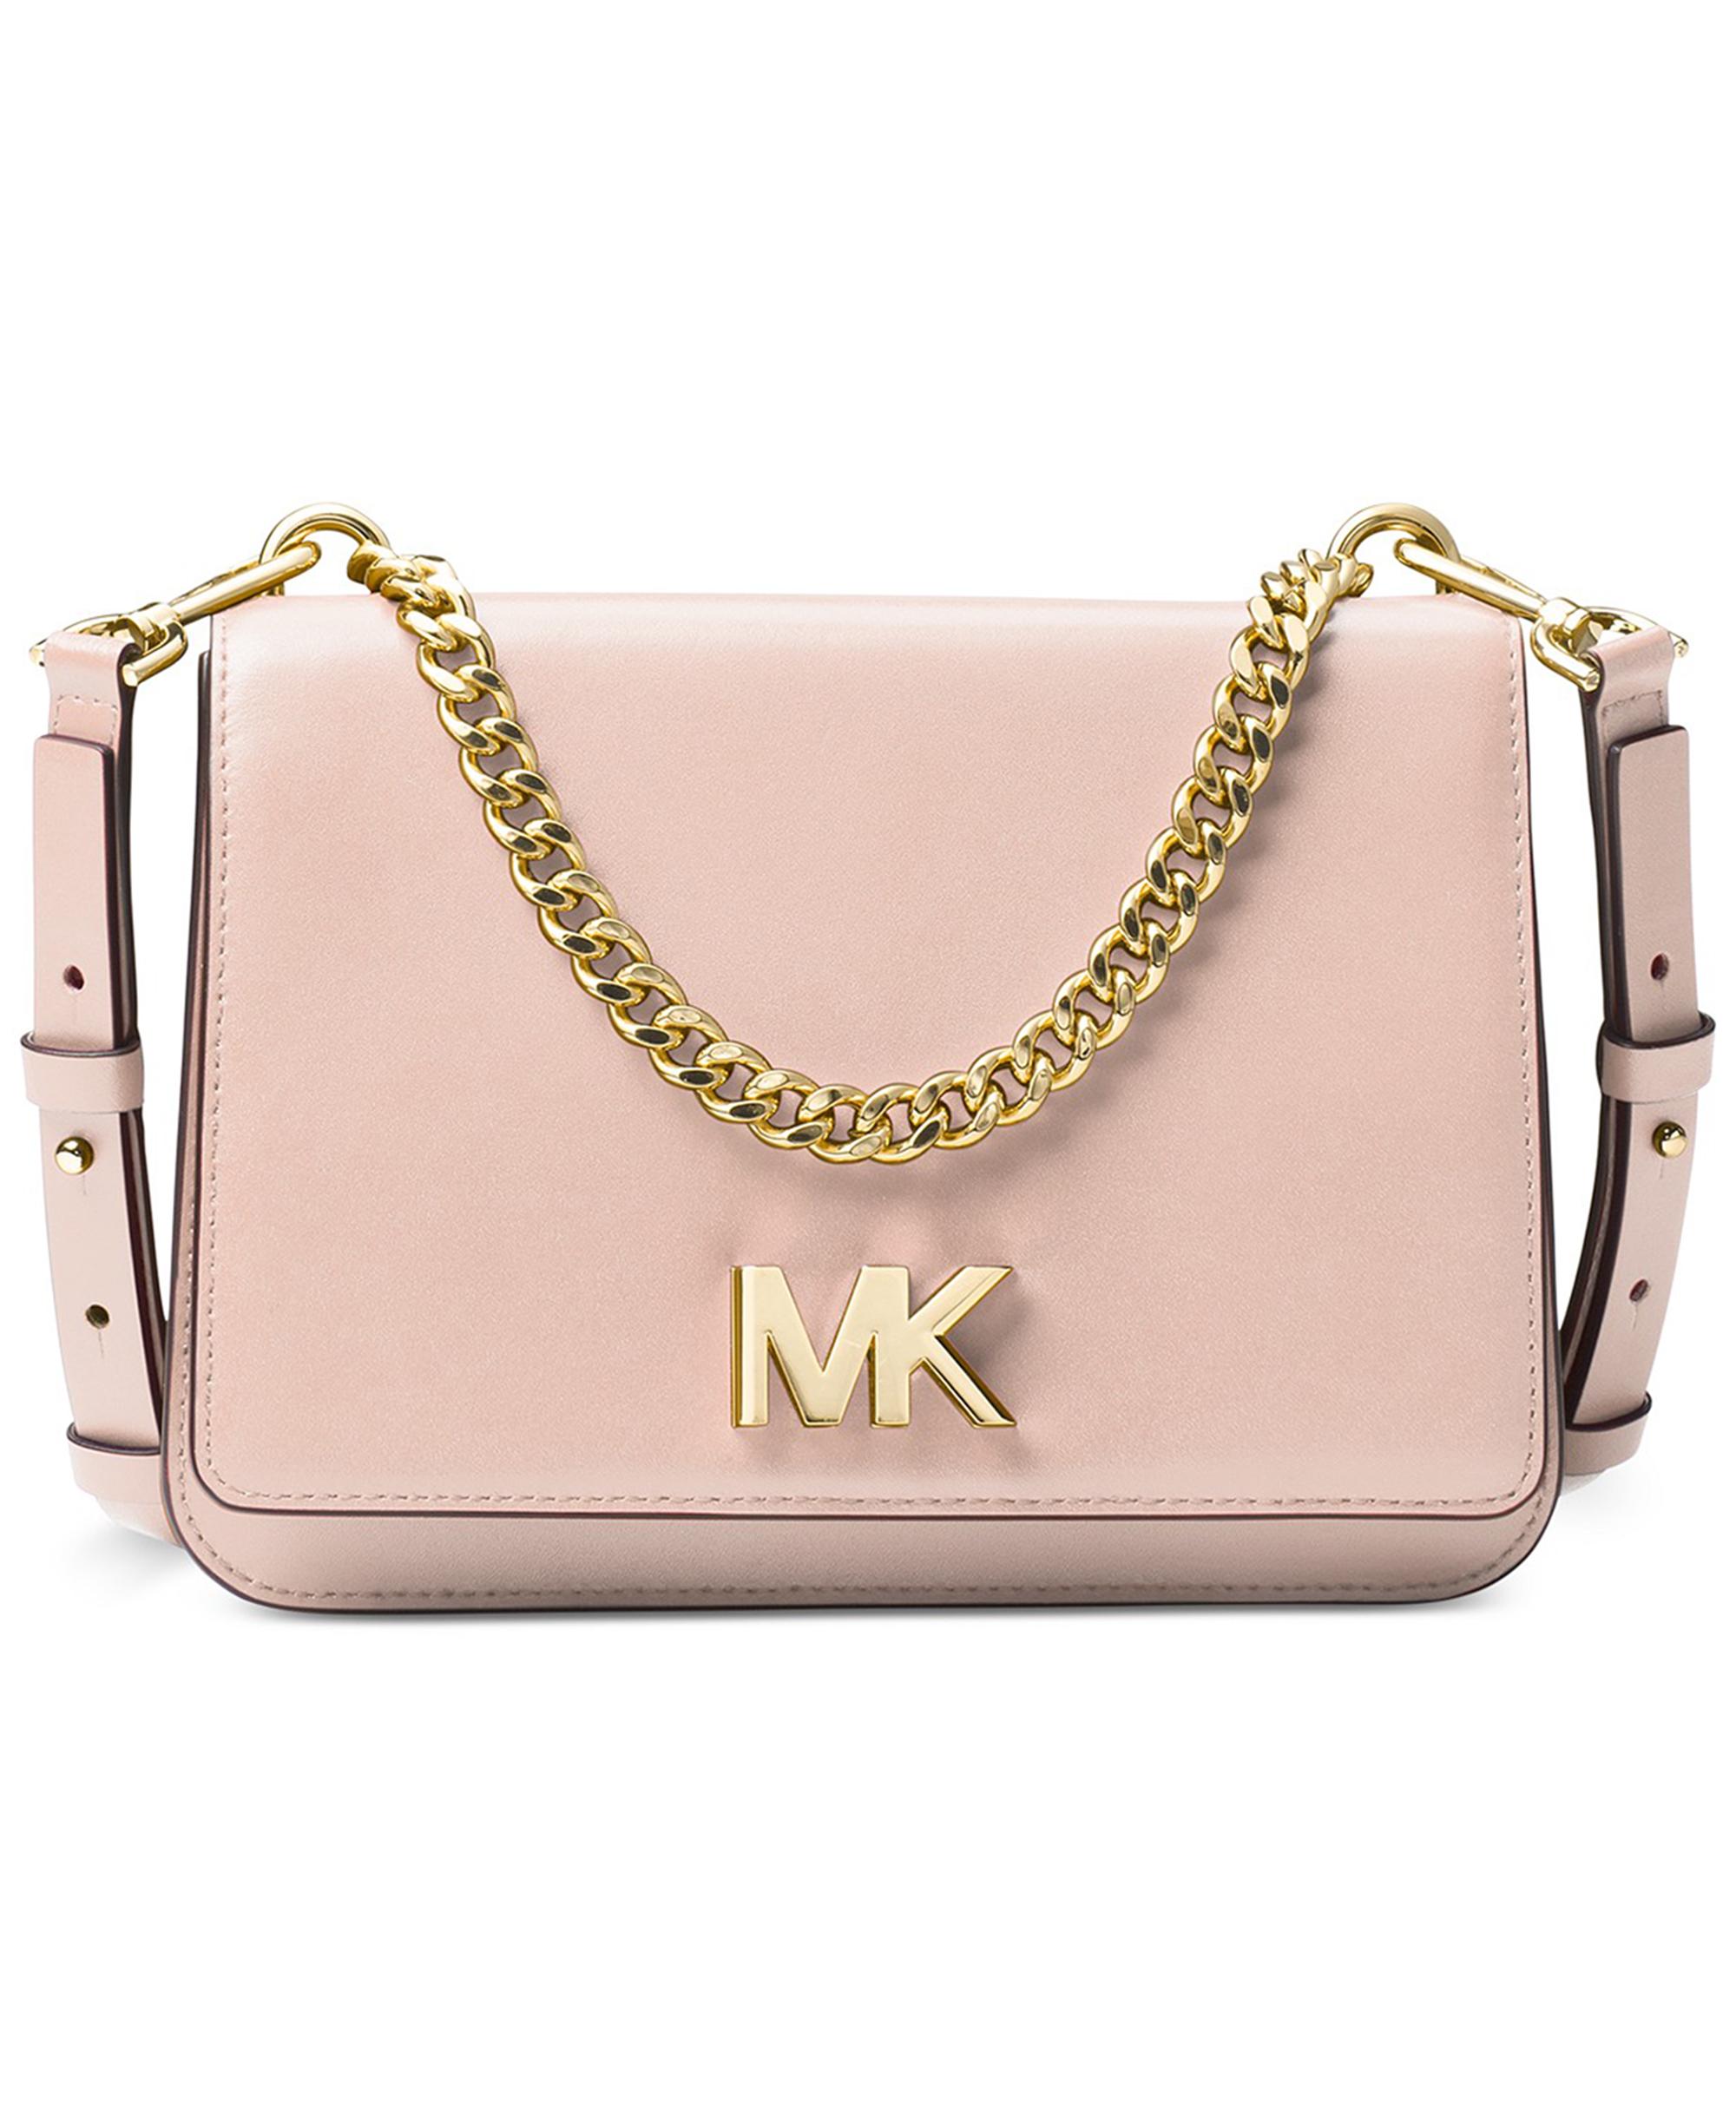 mk-bag